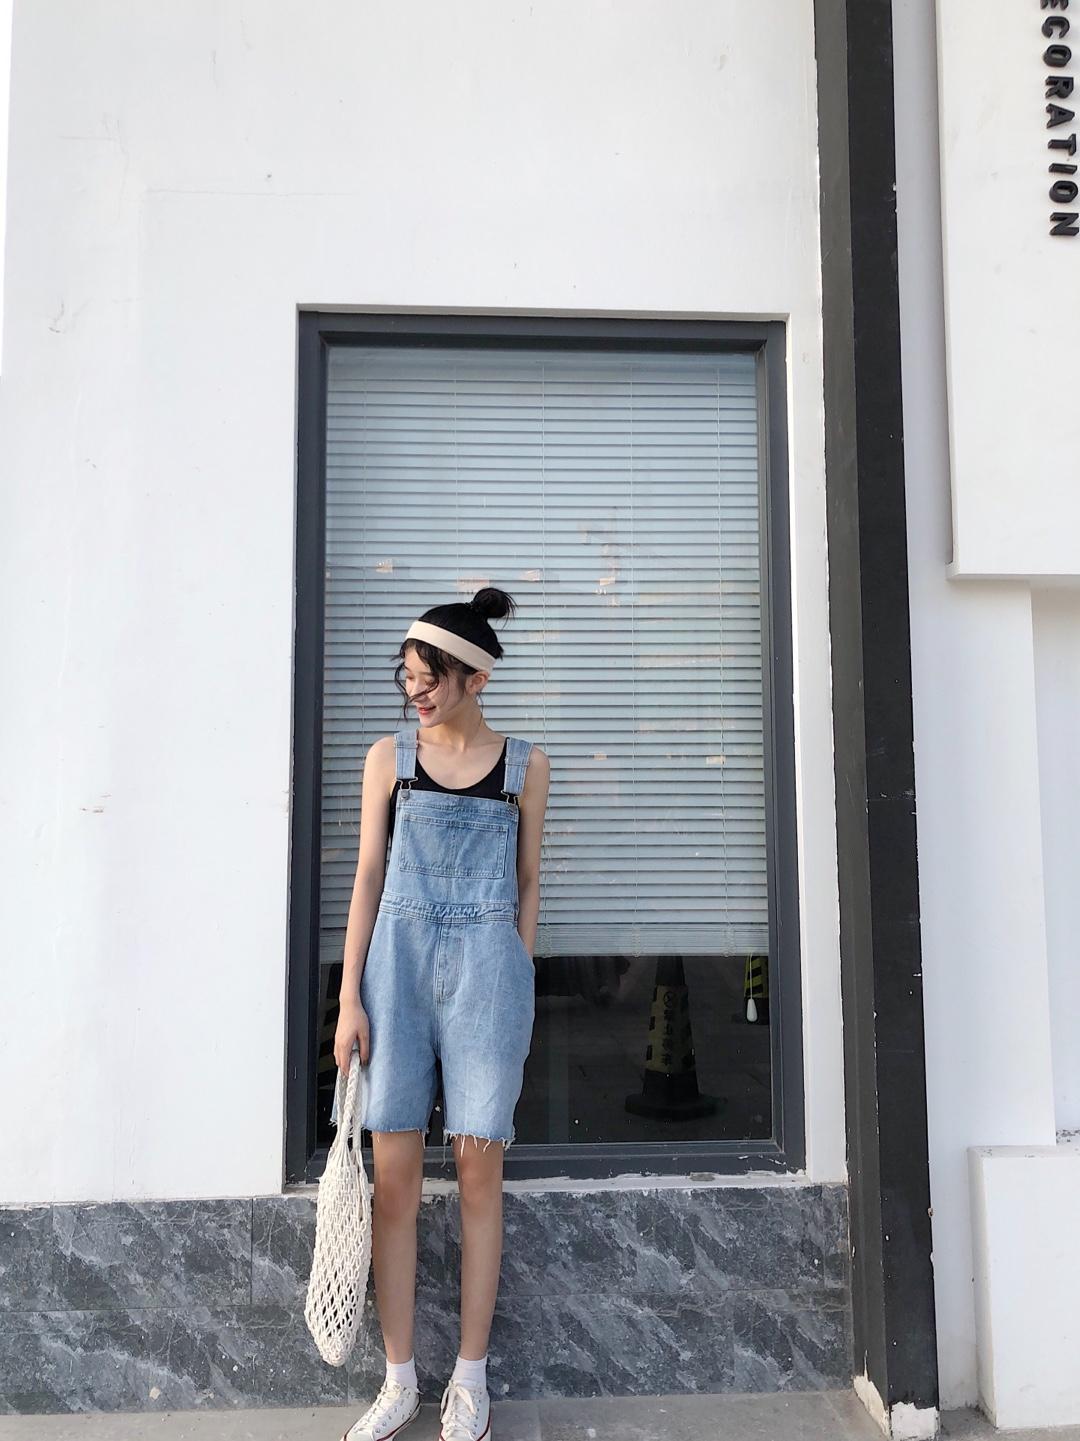 #网红风,教你一套出街!#背带裤简直就是减龄的秘诀呀!上身就是重返18岁的feel~俏皮又活泼 很学院风的感觉哦 显瘦款 上身就是整条街zui可爱的崽^_^